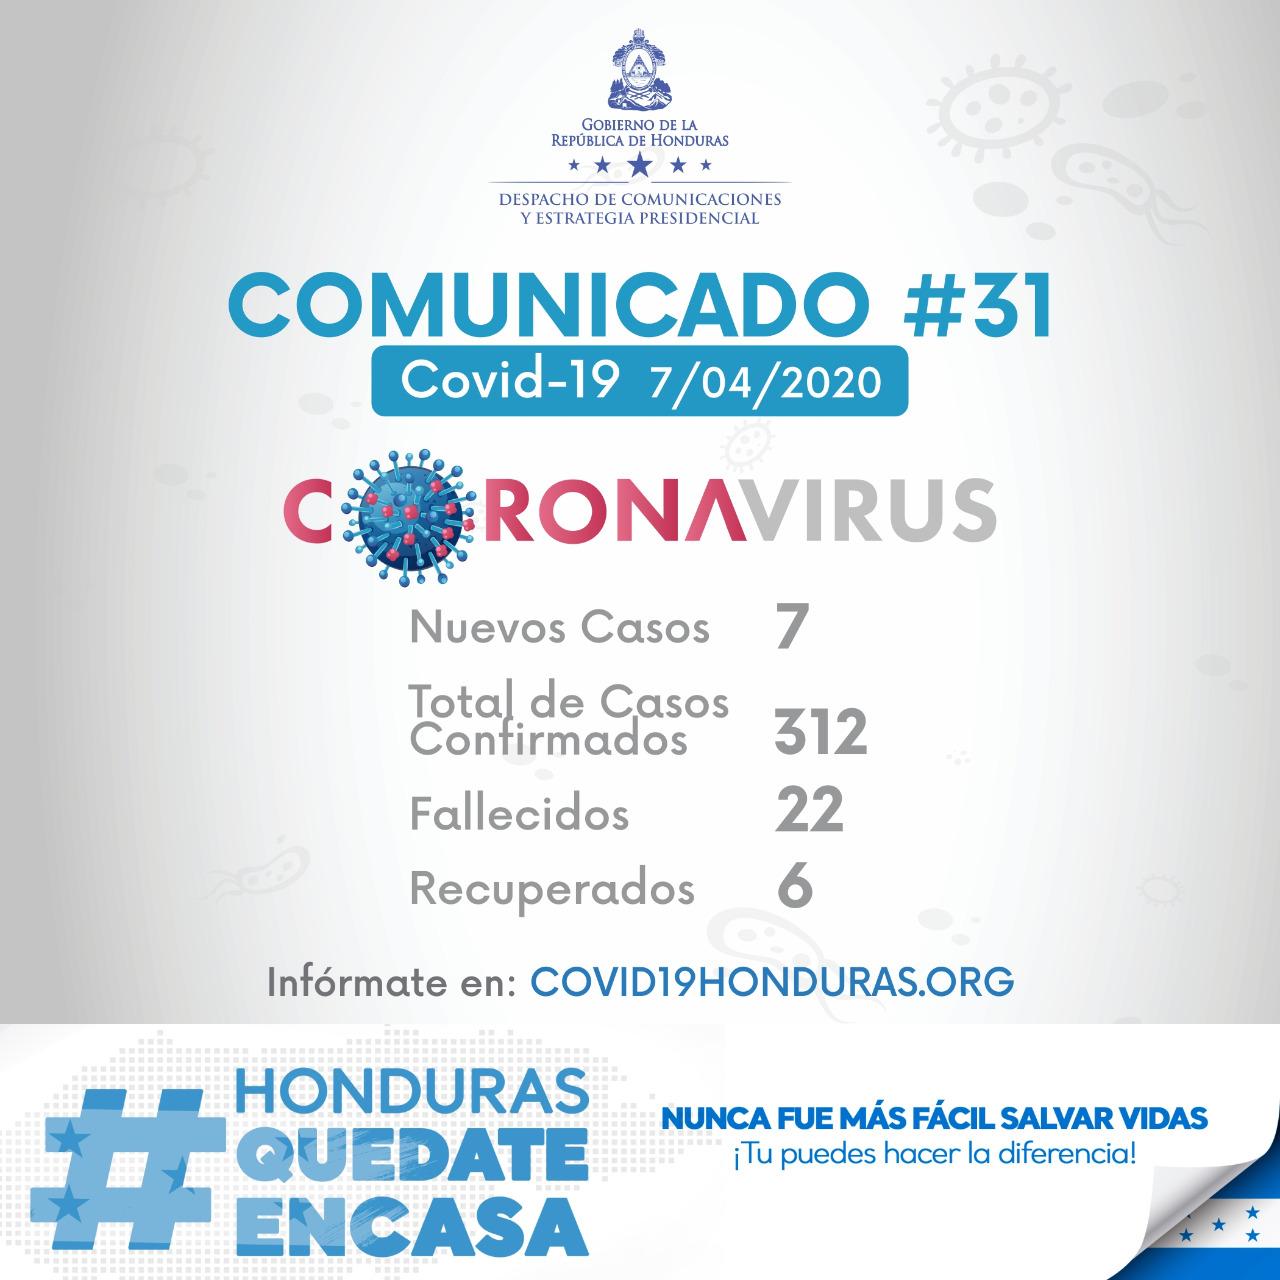 COMUNICADO #31: 7 casos más de Covid en Honduras, 5 en La Ceiba, Atlántida, 1 en El Progreso, Yoro y 1 en Distrito Central, Francisco Morazán en total 312 casos en Honduras